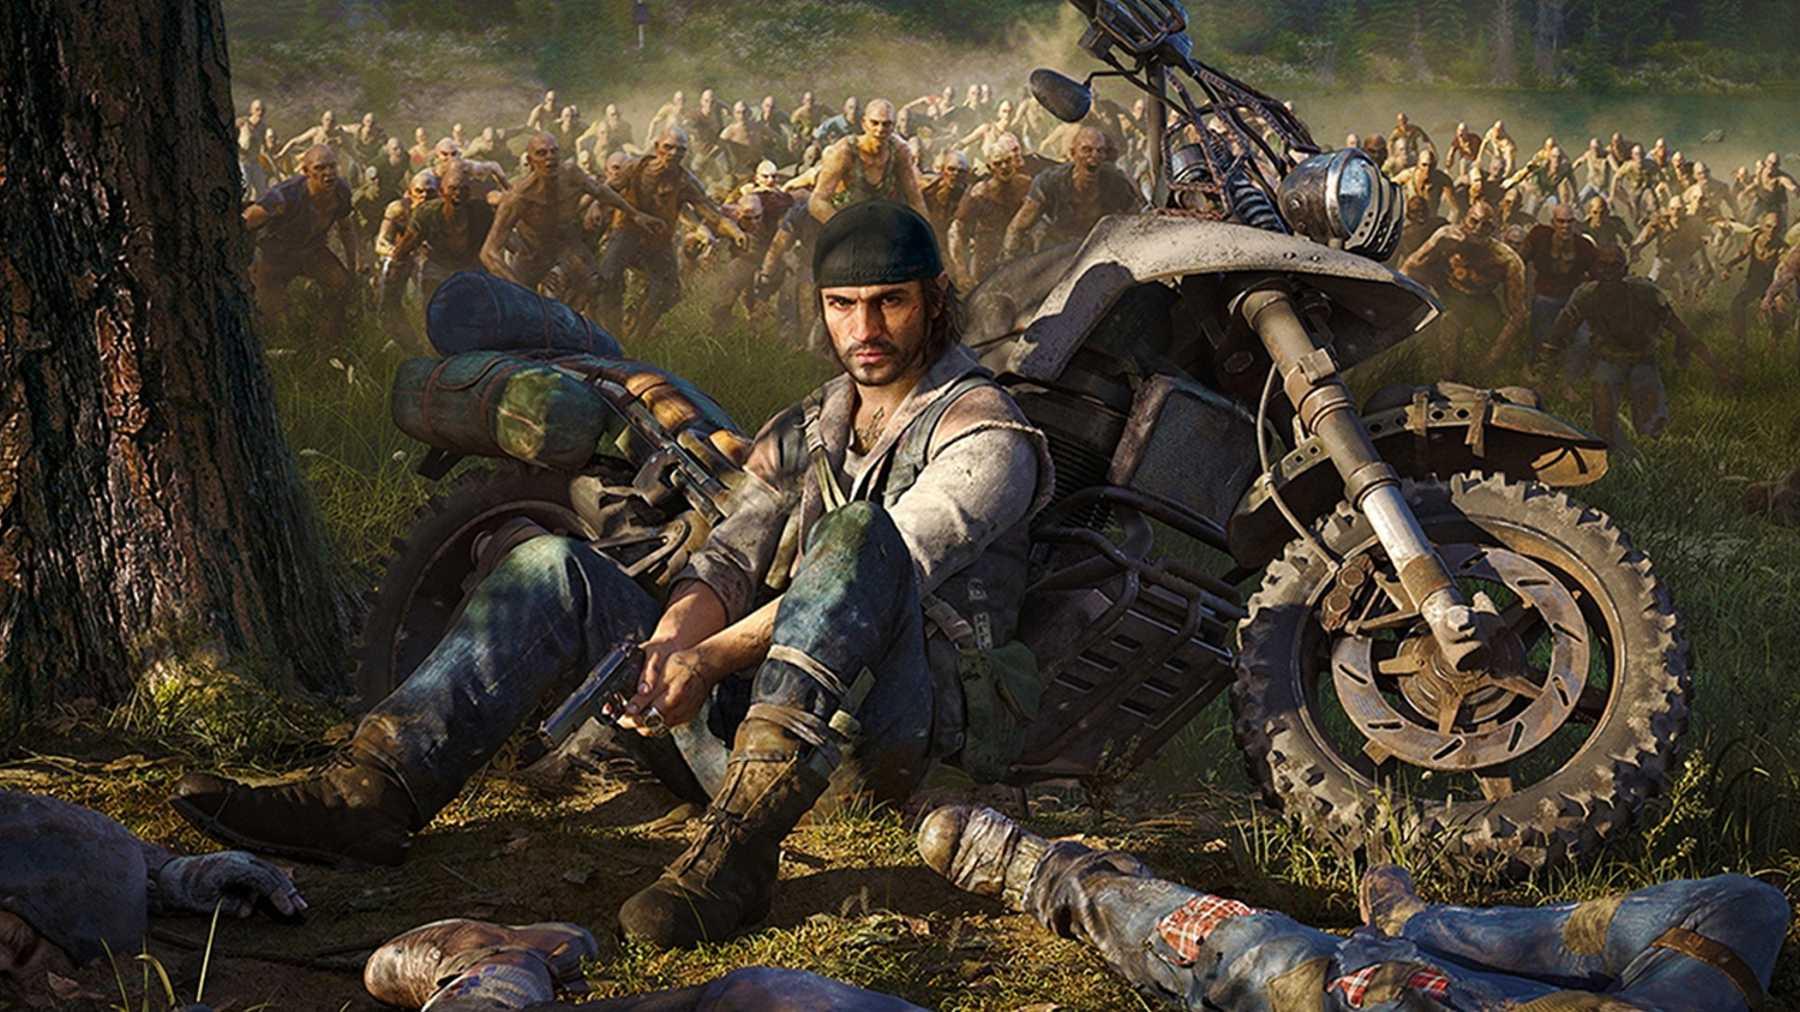 На ПК ближайшей весной выйдет Days Gone, а за ней — другие эксклюзивы PlayStation